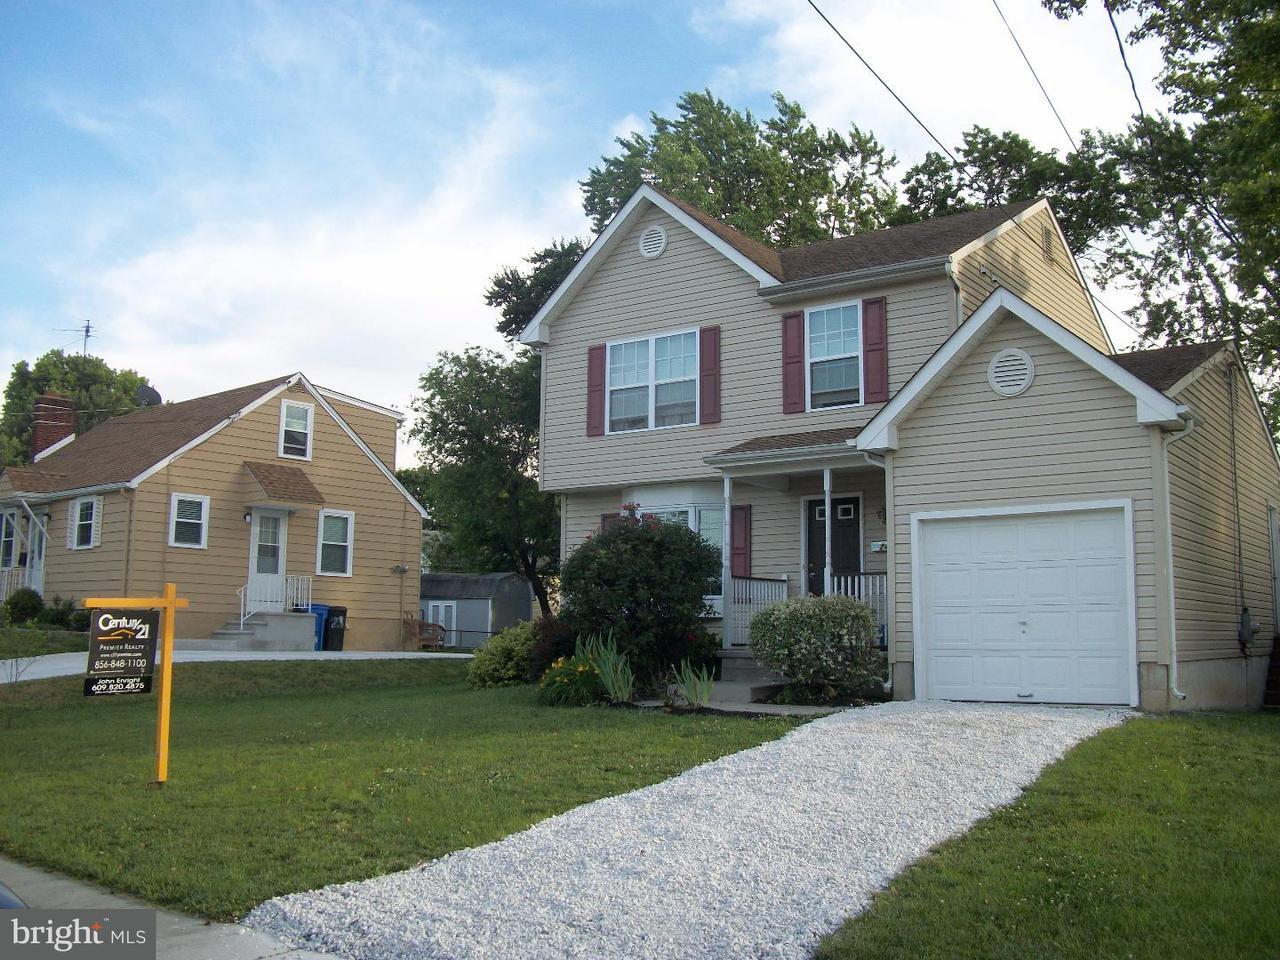 Casa Unifamiliar por un Venta en 24 PARKVIEW Drive Westville, Nueva Jersey 08093 Estados Unidos